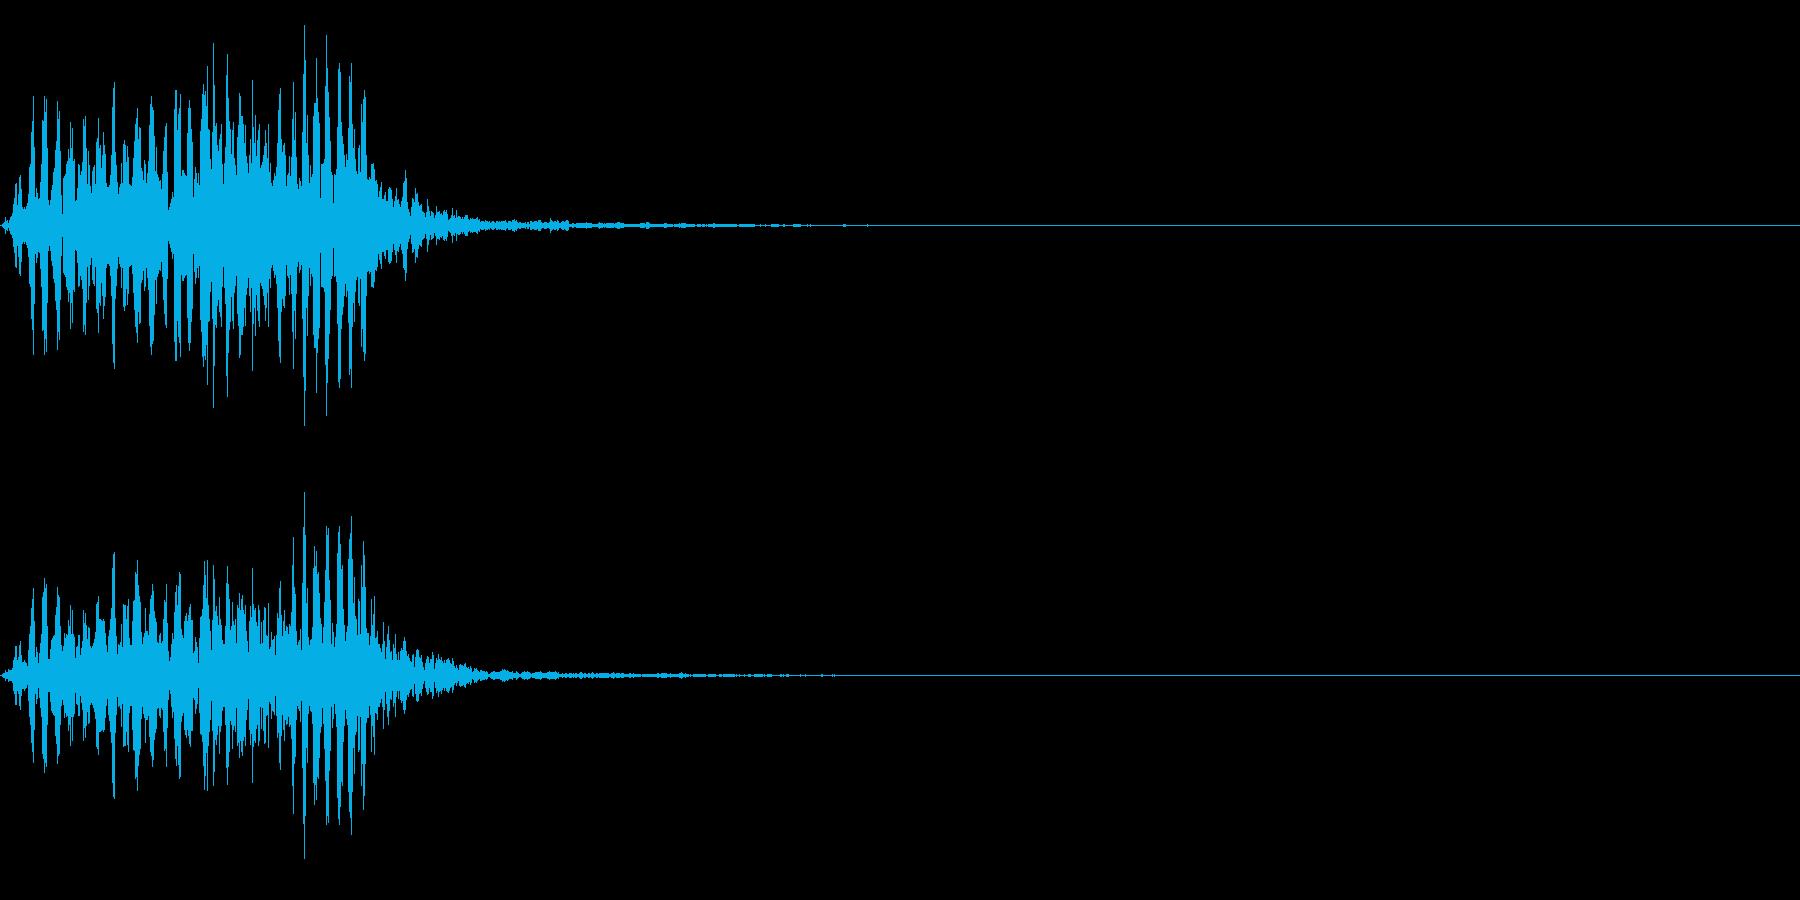 【生録音】フラミンゴの鳴き声 42の再生済みの波形